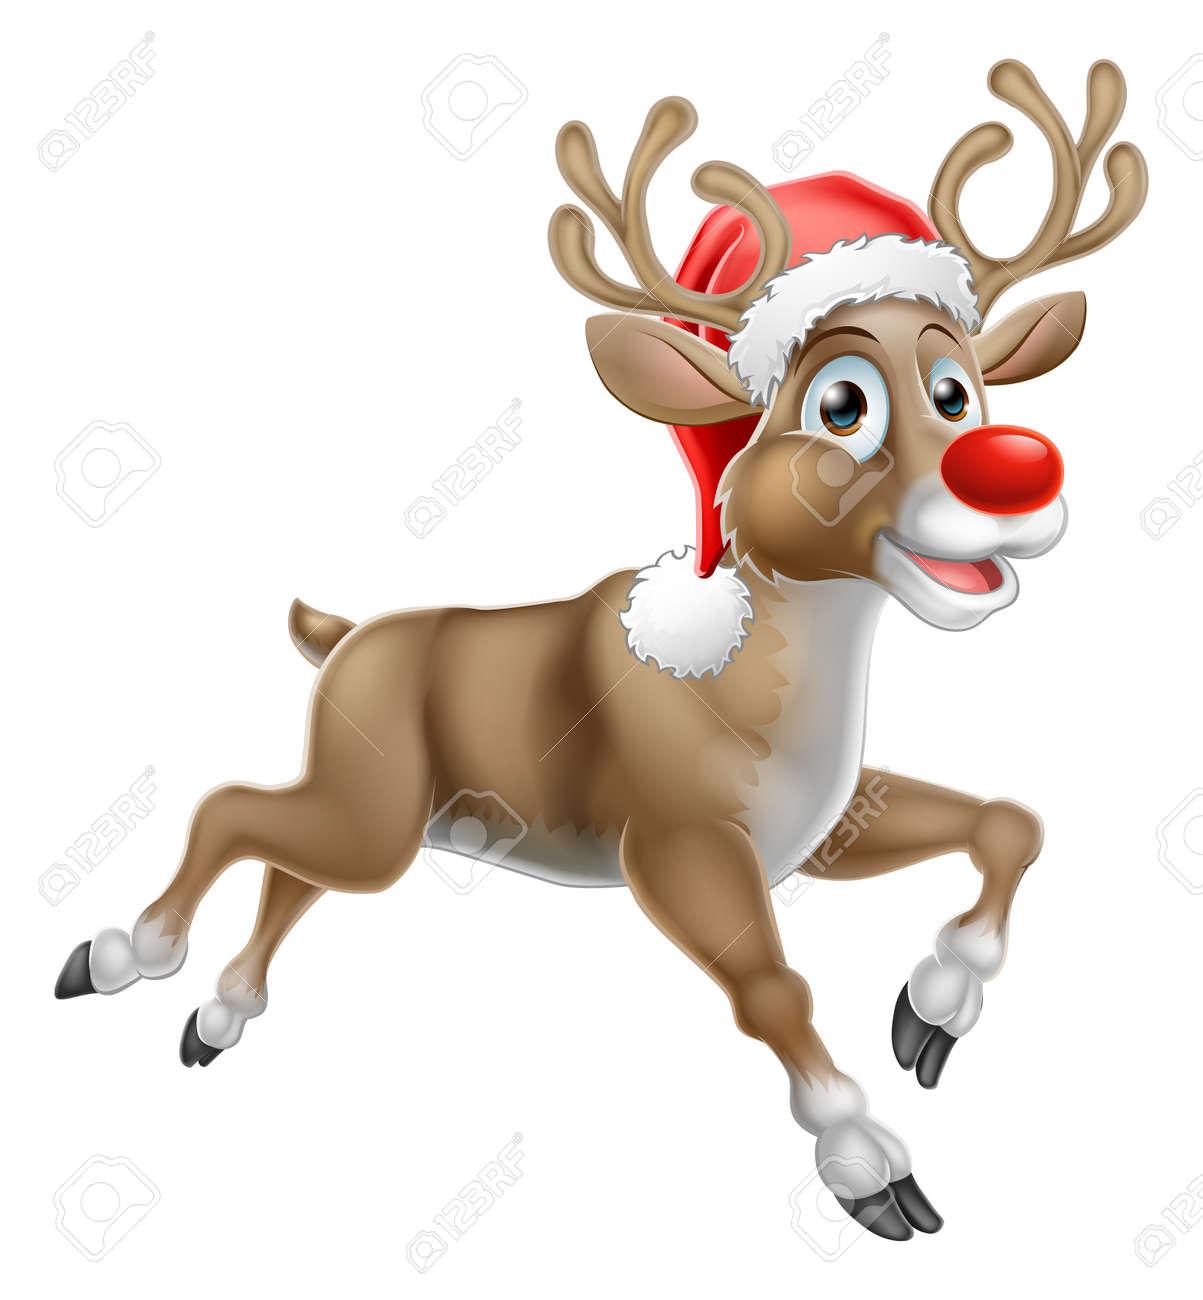 Bilder Rentiere Weihnachten.Stock Photo